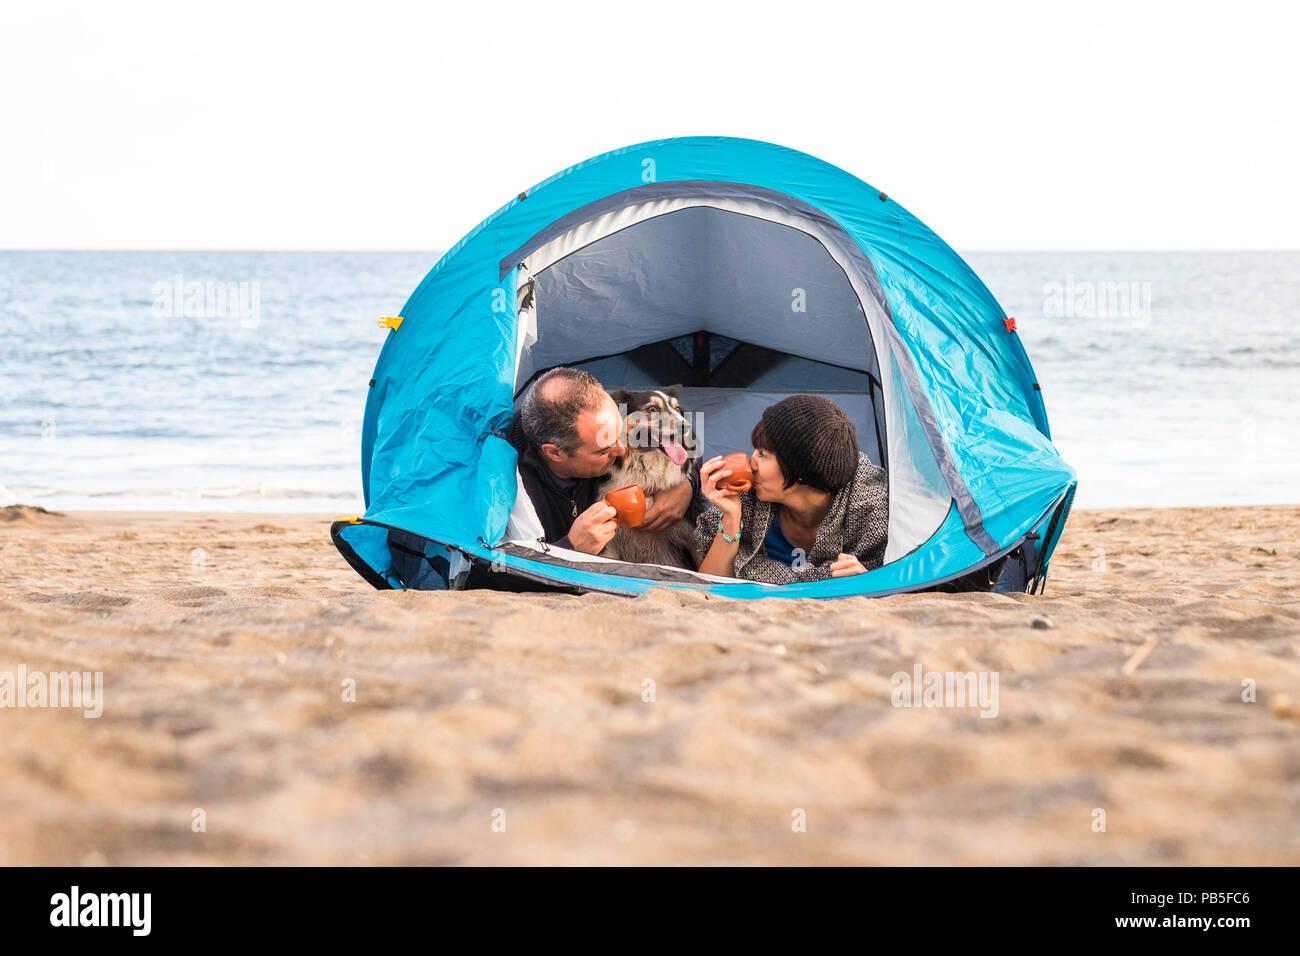 Paar am Smartphone suchen und Spaß haben in einem Zelt im Freien Campingplatz am Strand Hund Border Collie hinter Ihnen in die Kamera schaut. Vintage Stockbild